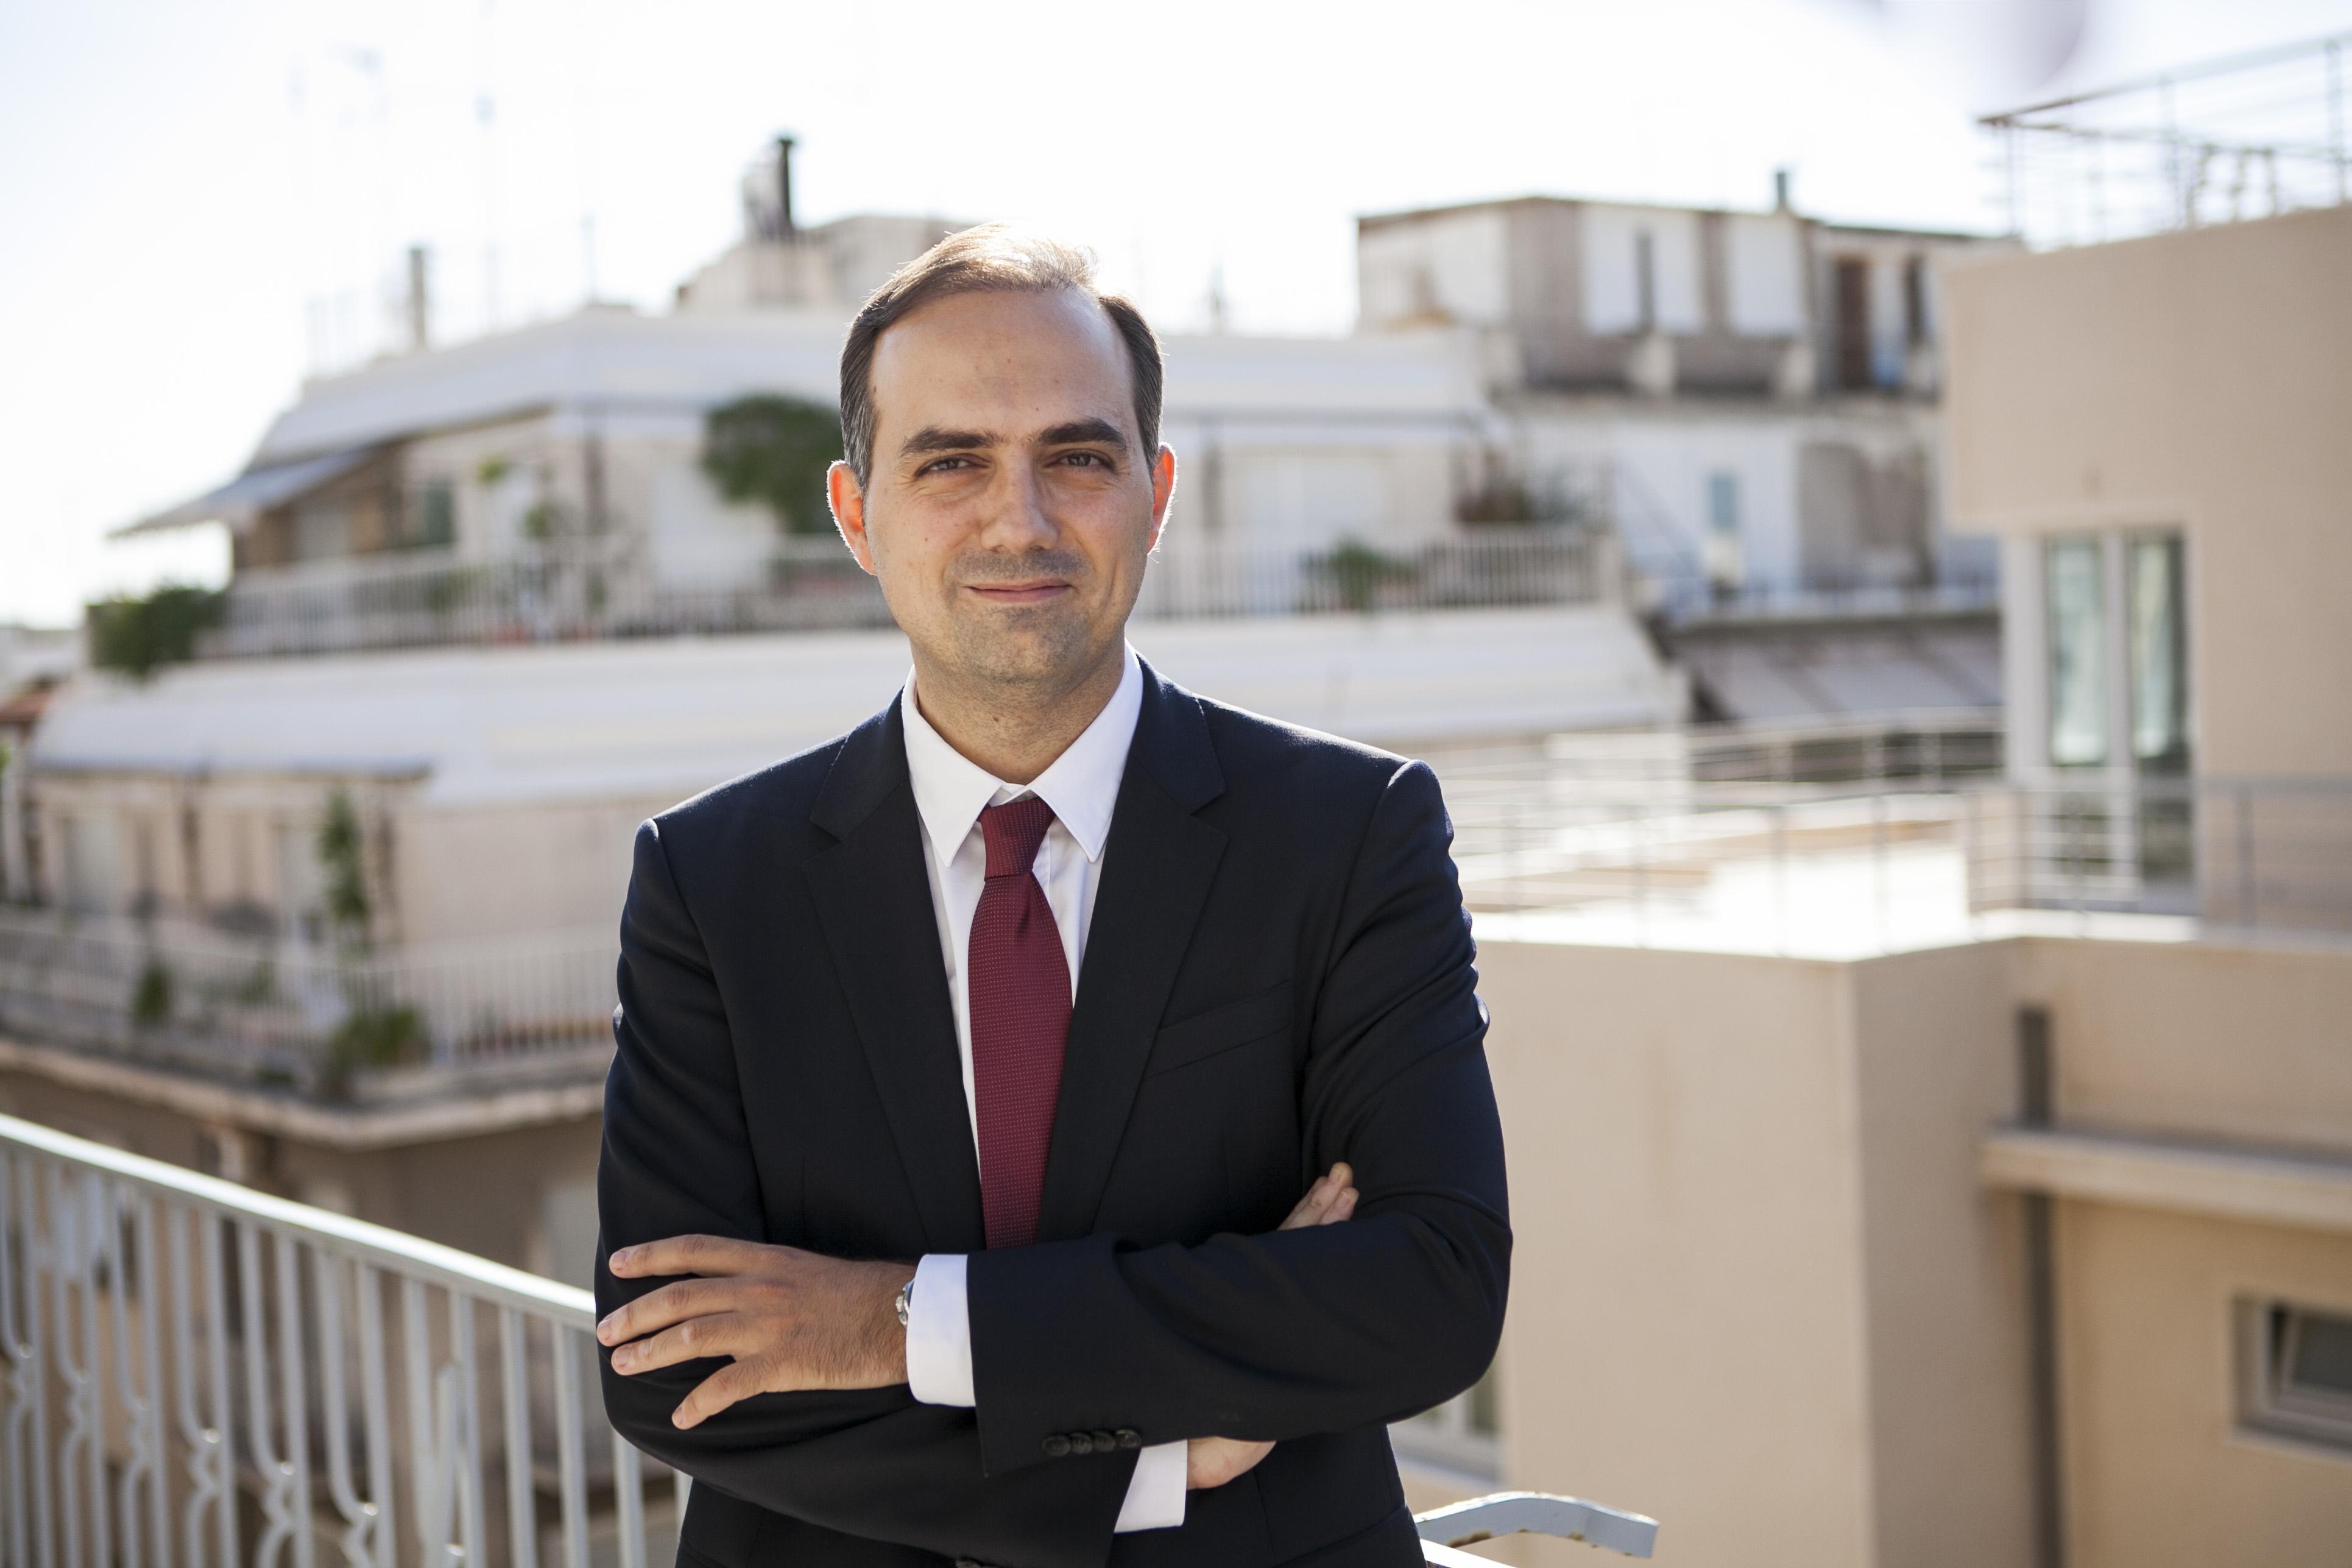 Δημήτρης Αναστασόπουλος: Δικηγορικός Σύλλογος Αθηνών ή Δικηγορικός Σύλλογος Ημετέρων